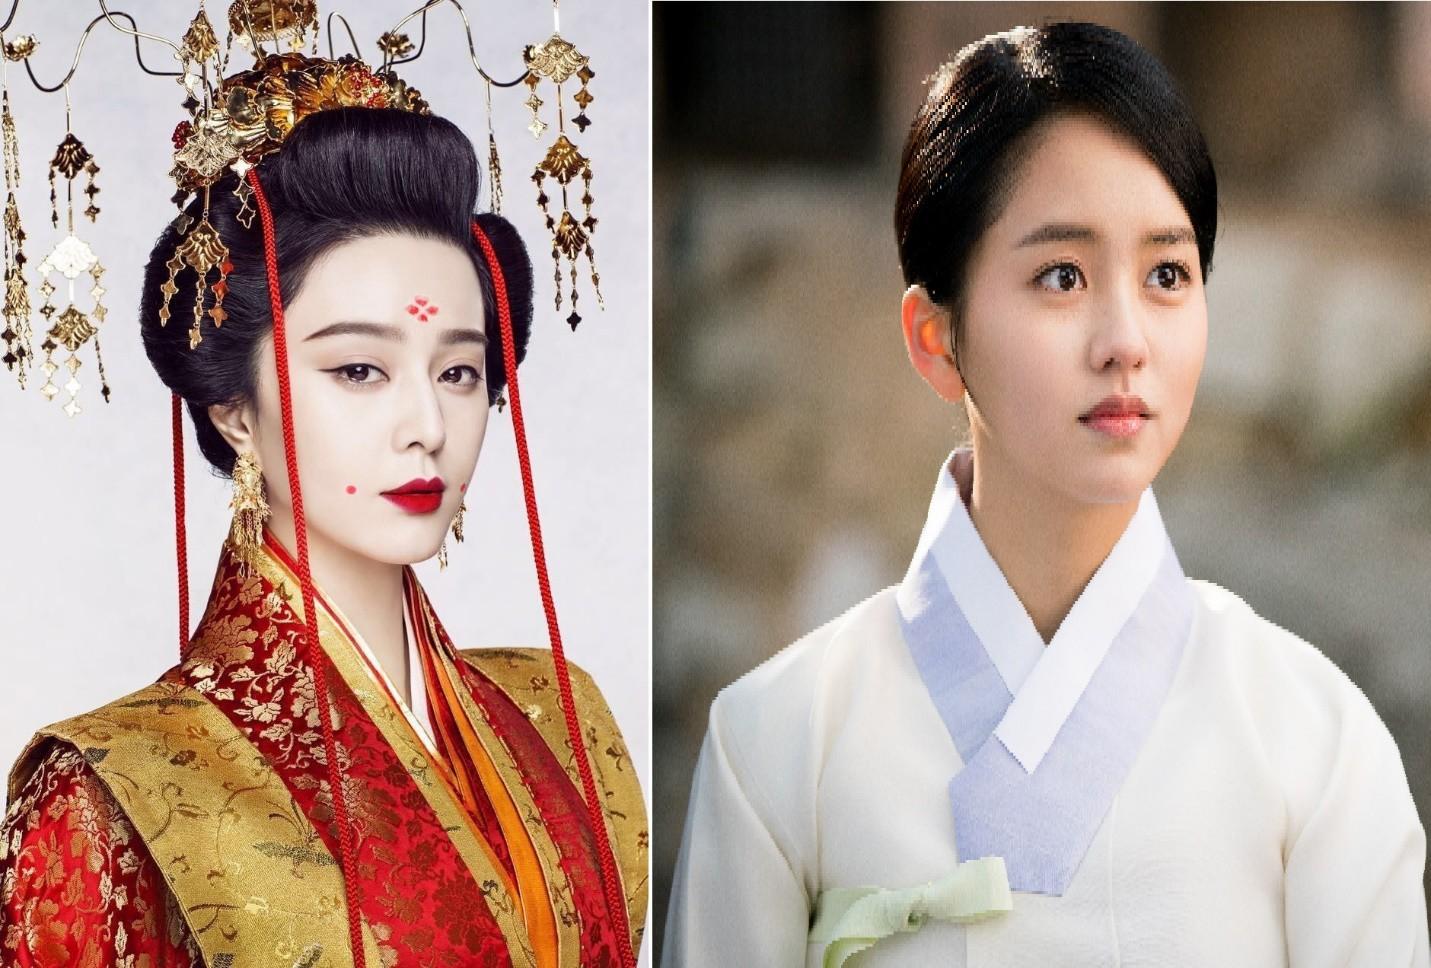 Những yếu tố làm nên sức hút của phim cổ trang Trung Quốc và Hàn Quốc - Ảnh 5.